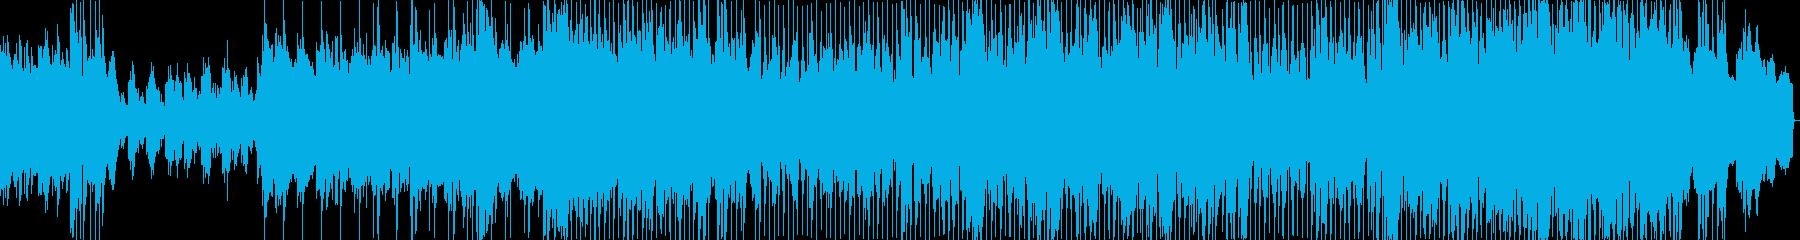 切ないゆったりとした雰囲気のバラードの再生済みの波形